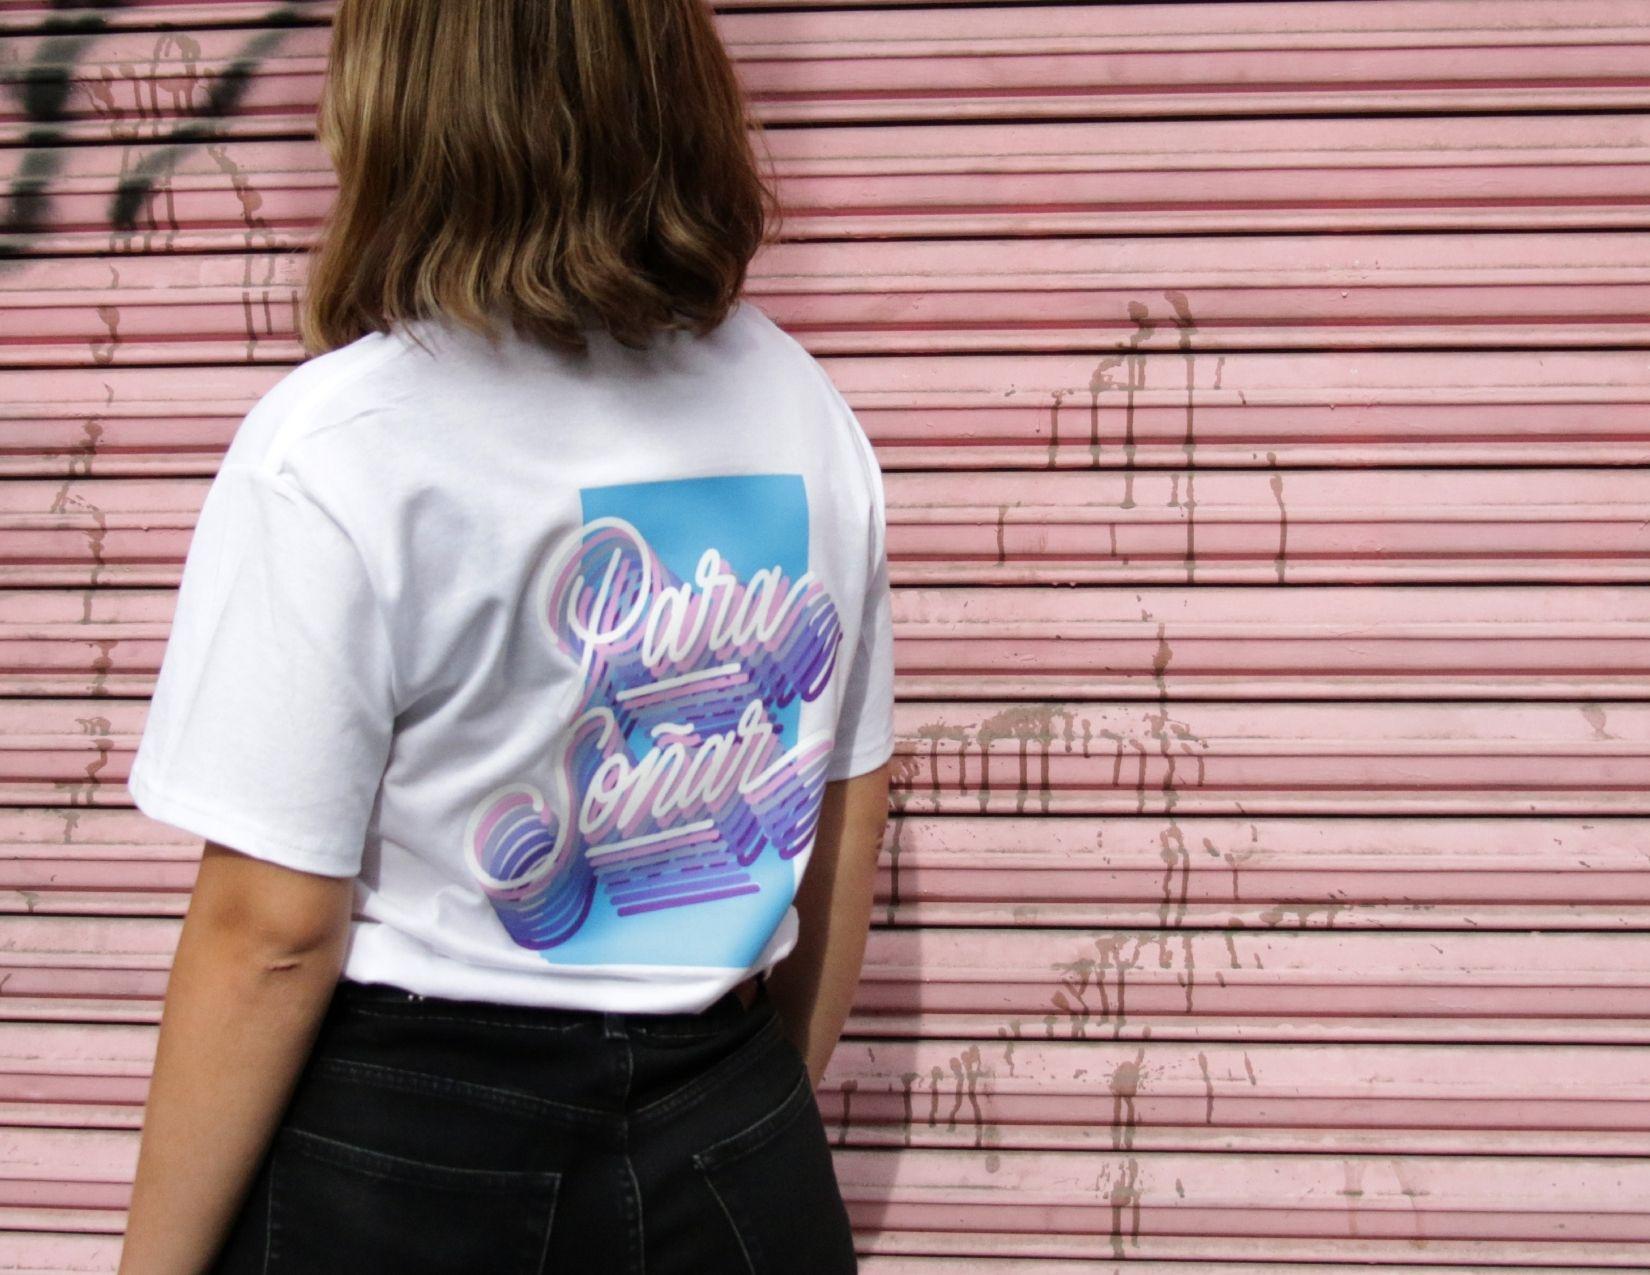 Mujer con camiseta blanca y letras de colores | It's a Living - Sunrise Edition T-shirt | Descuentos para el Buen Fin 2020